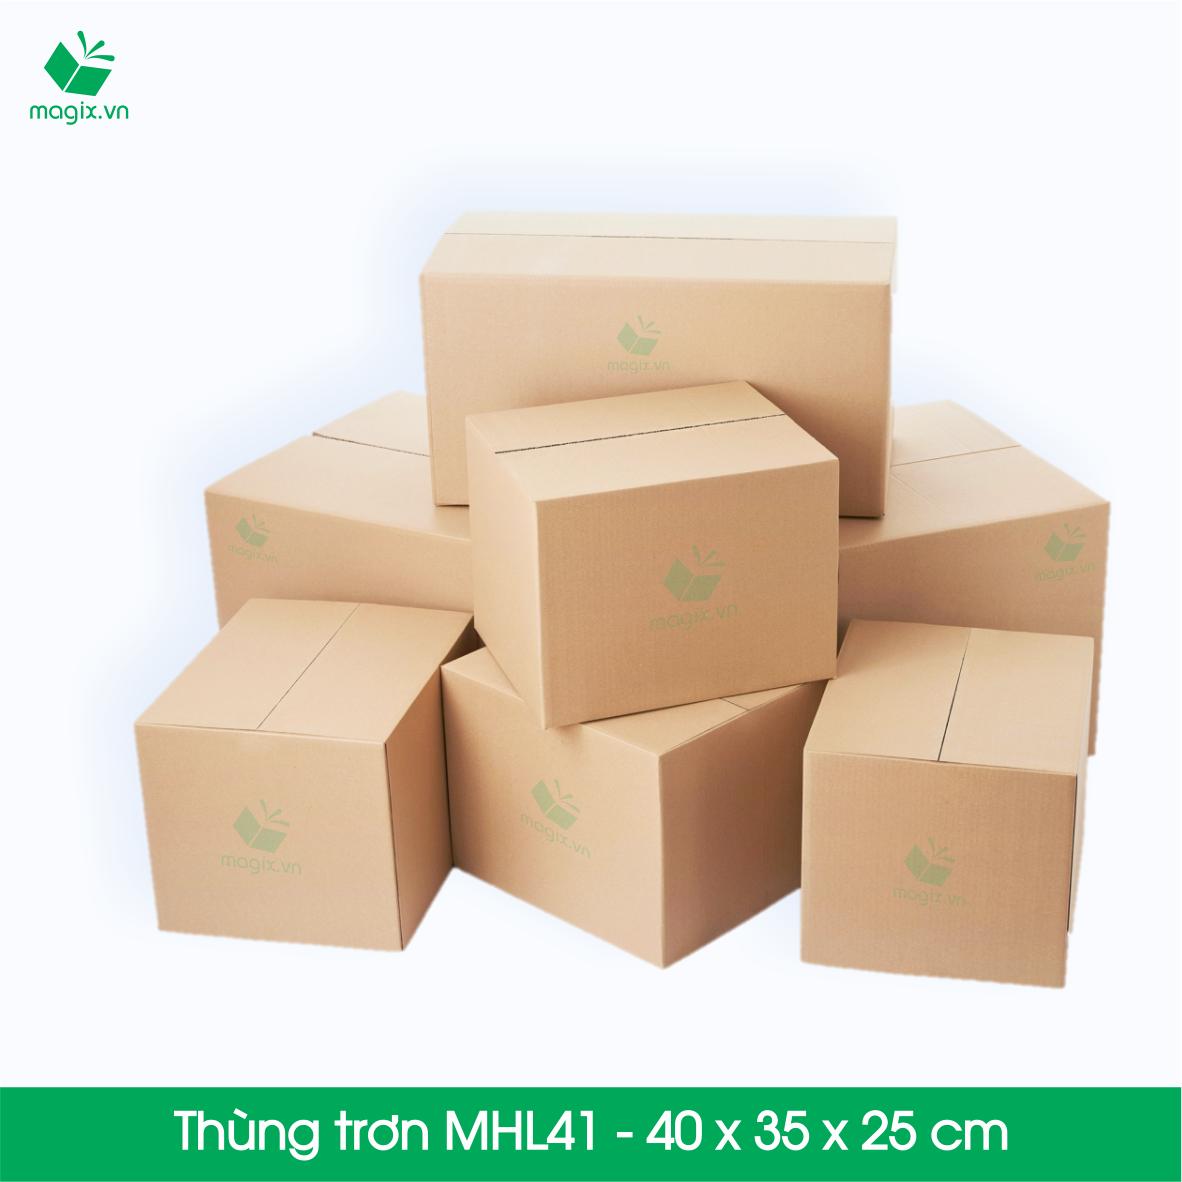 Các loại thùng carton trơn tại Magix